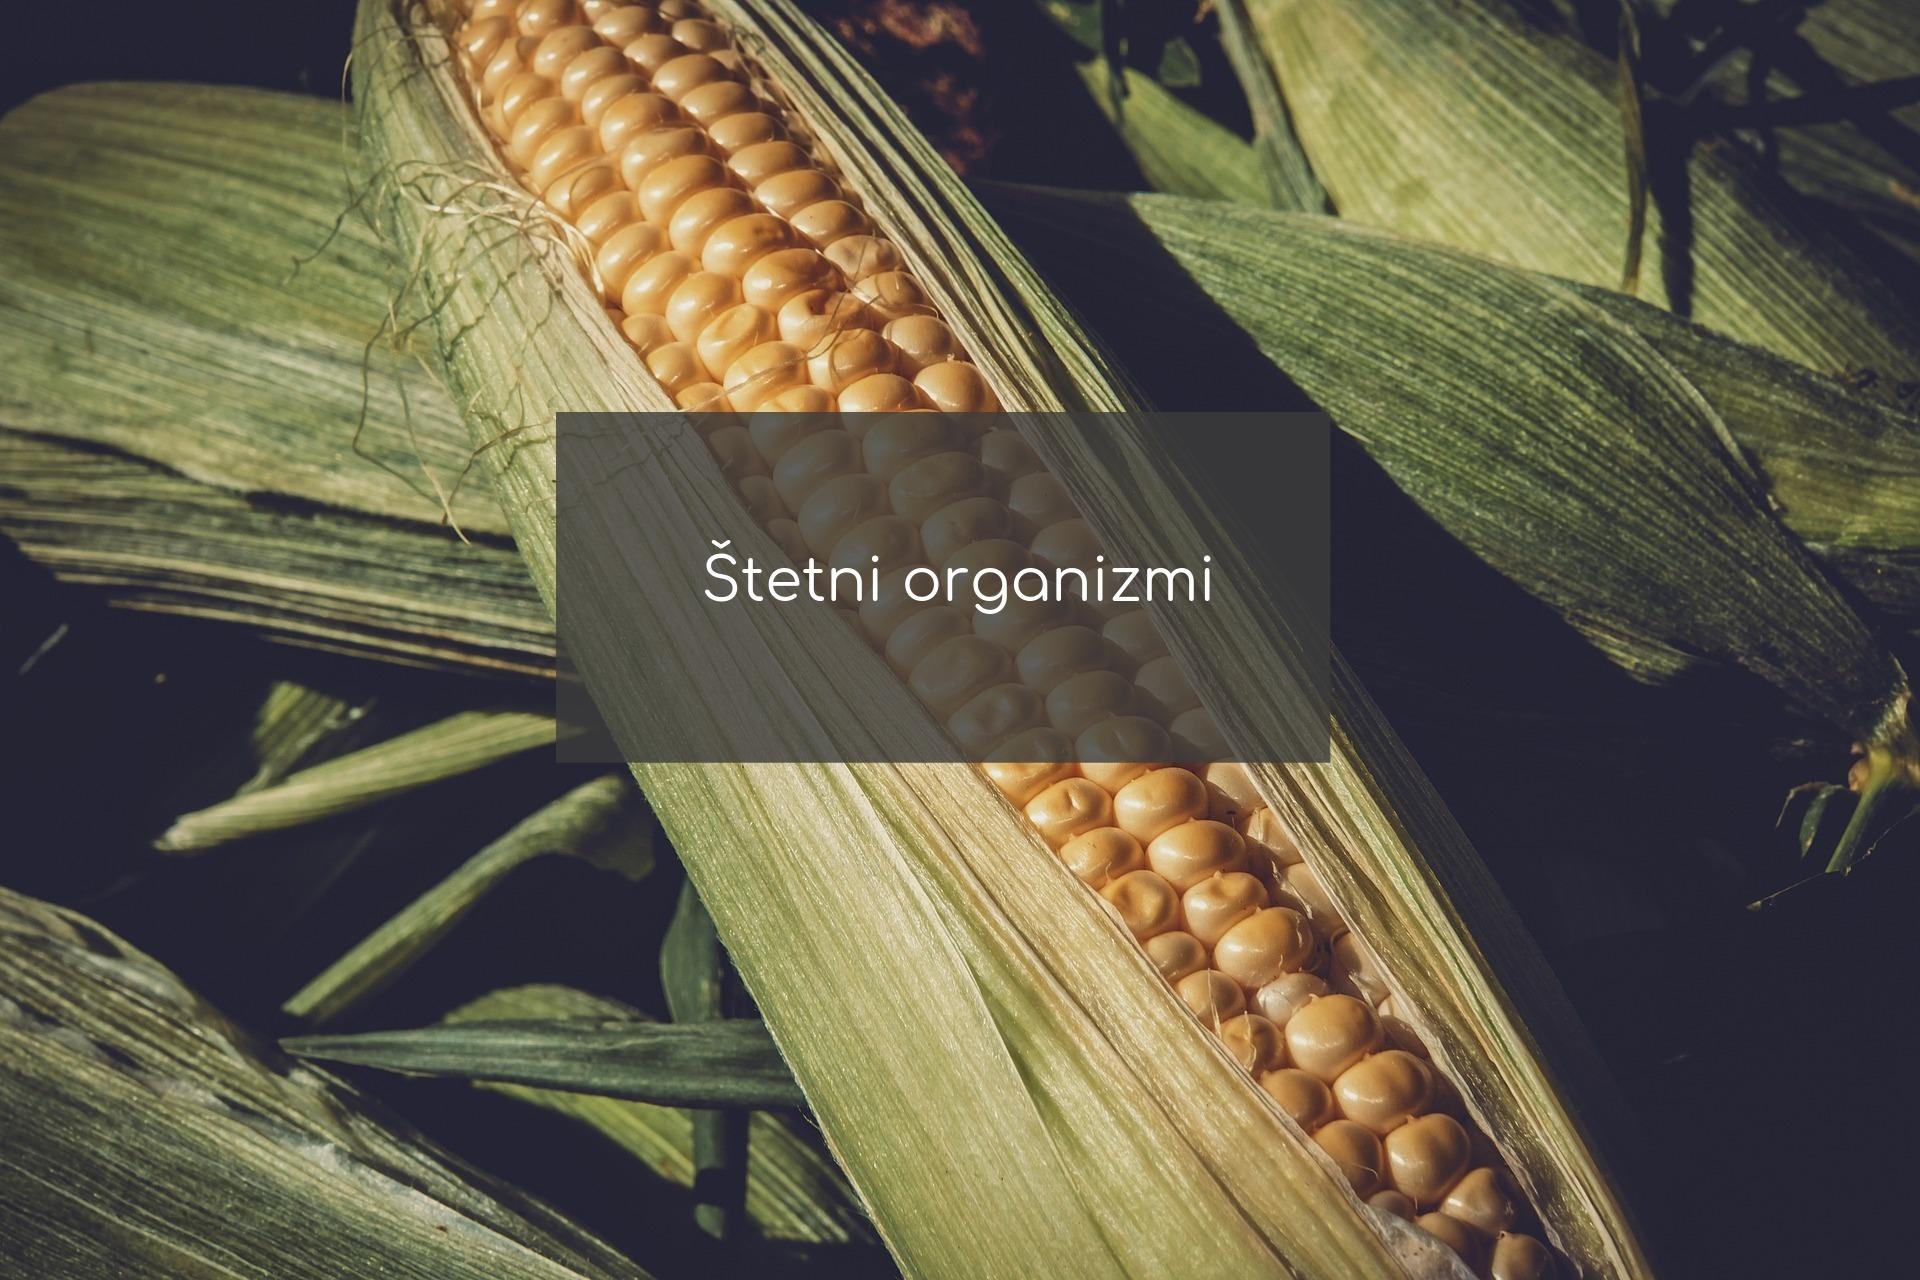 stetni organizmi zastita bilja - agrolekar